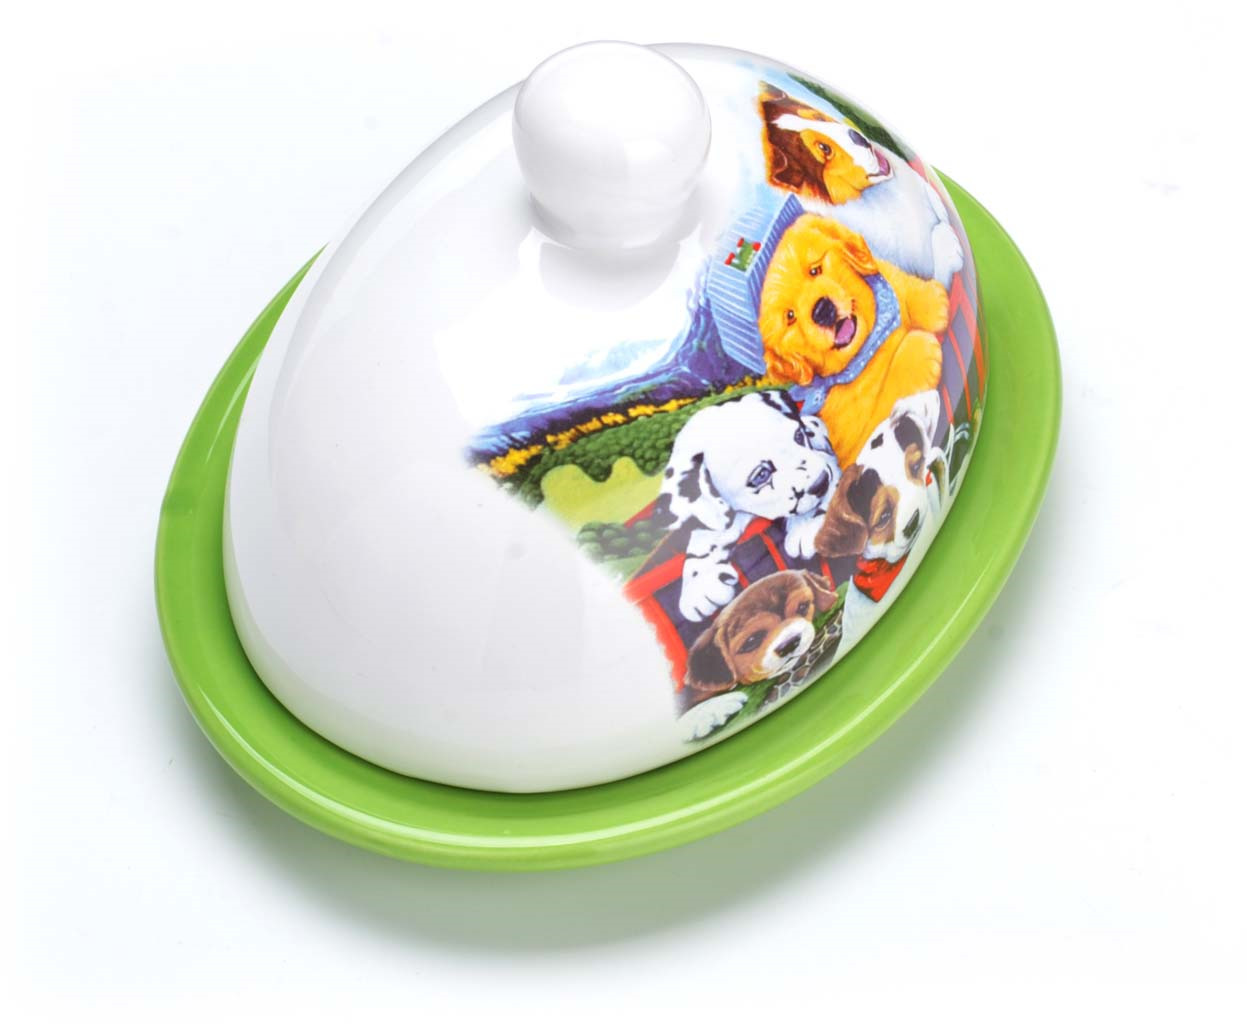 Масленка Loraine, выполненная из качественной доломитовой БИО и ЭКО керамики, станет украшением интерьера вашей кухни. Керамика - это экологически чистый материал, который не наносит вред Вашему здоровью. Кроме того, этот материал защищает продукты и пищу от образования вредных бактерий. Масленка надежно закрывается керамической крышкой и прекрасно подойдет для хранения и сервировки масла, сыра, творога. Масленка рассчитана примерно на 200 г. масла. Пригодна для использования в холодильнике, морозильнике, микроволновой печи. Подходит для мытья в посудомоечной машине.